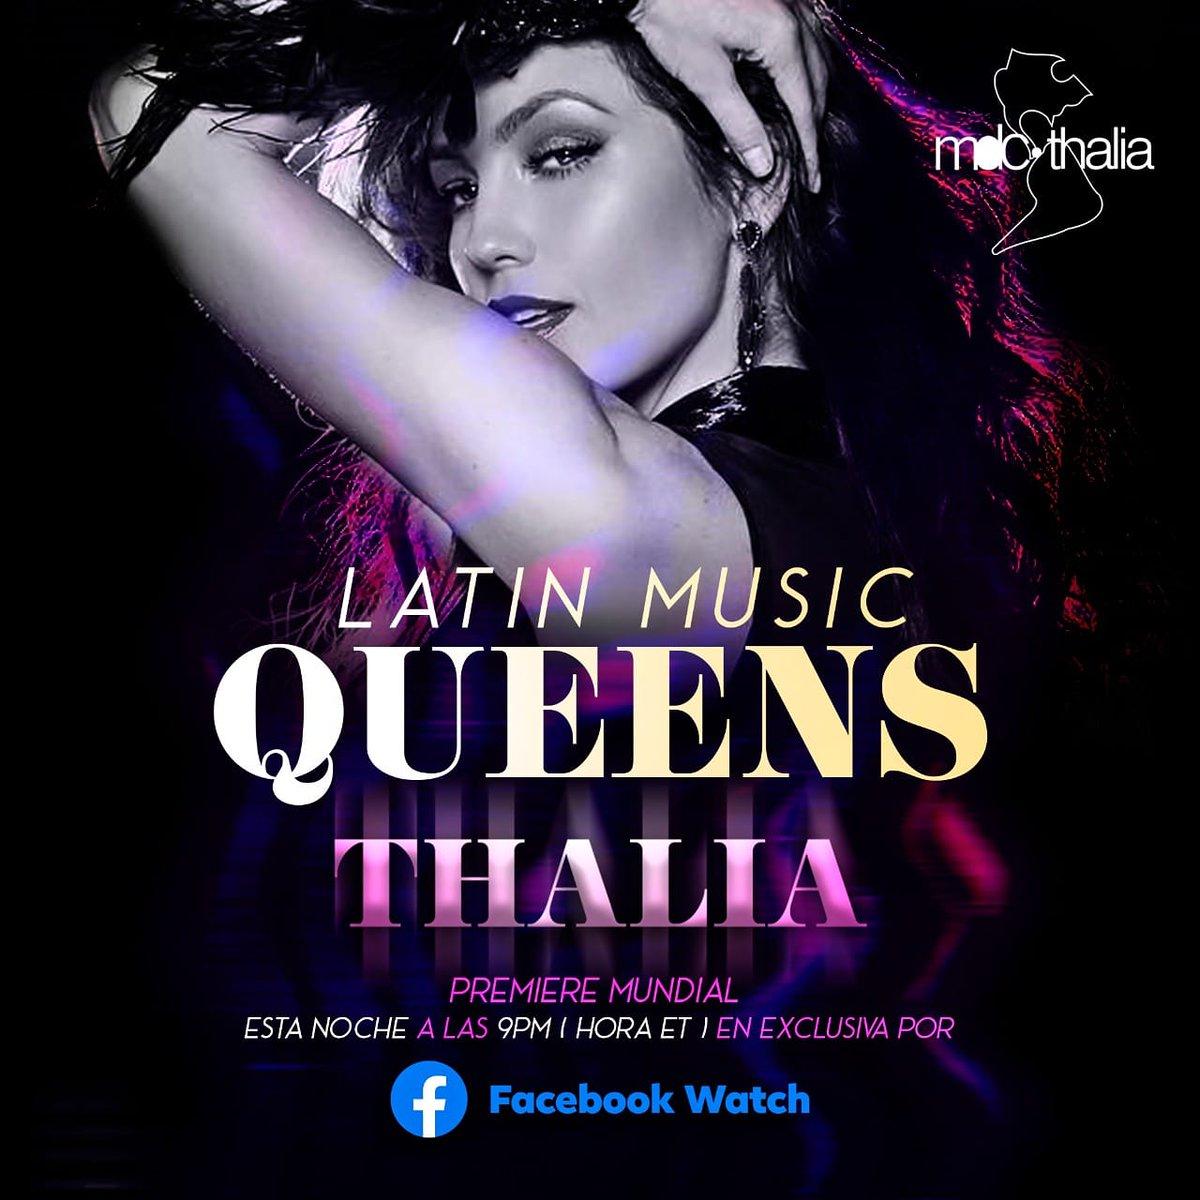 LATIN MUSIC QUEENS - THALIA  @thalia 👑🌼💋❤️  Es una cantante, compositora, actriz, empresaria y filántropa mexicana que lleva casi tres décadas de vigencia en la industria de la música    #Thalia #Farina #SofiaReyes #LatinMusicQueens @mdcthalia @mdcguadalajara https://t.co/X8S94WvcIs